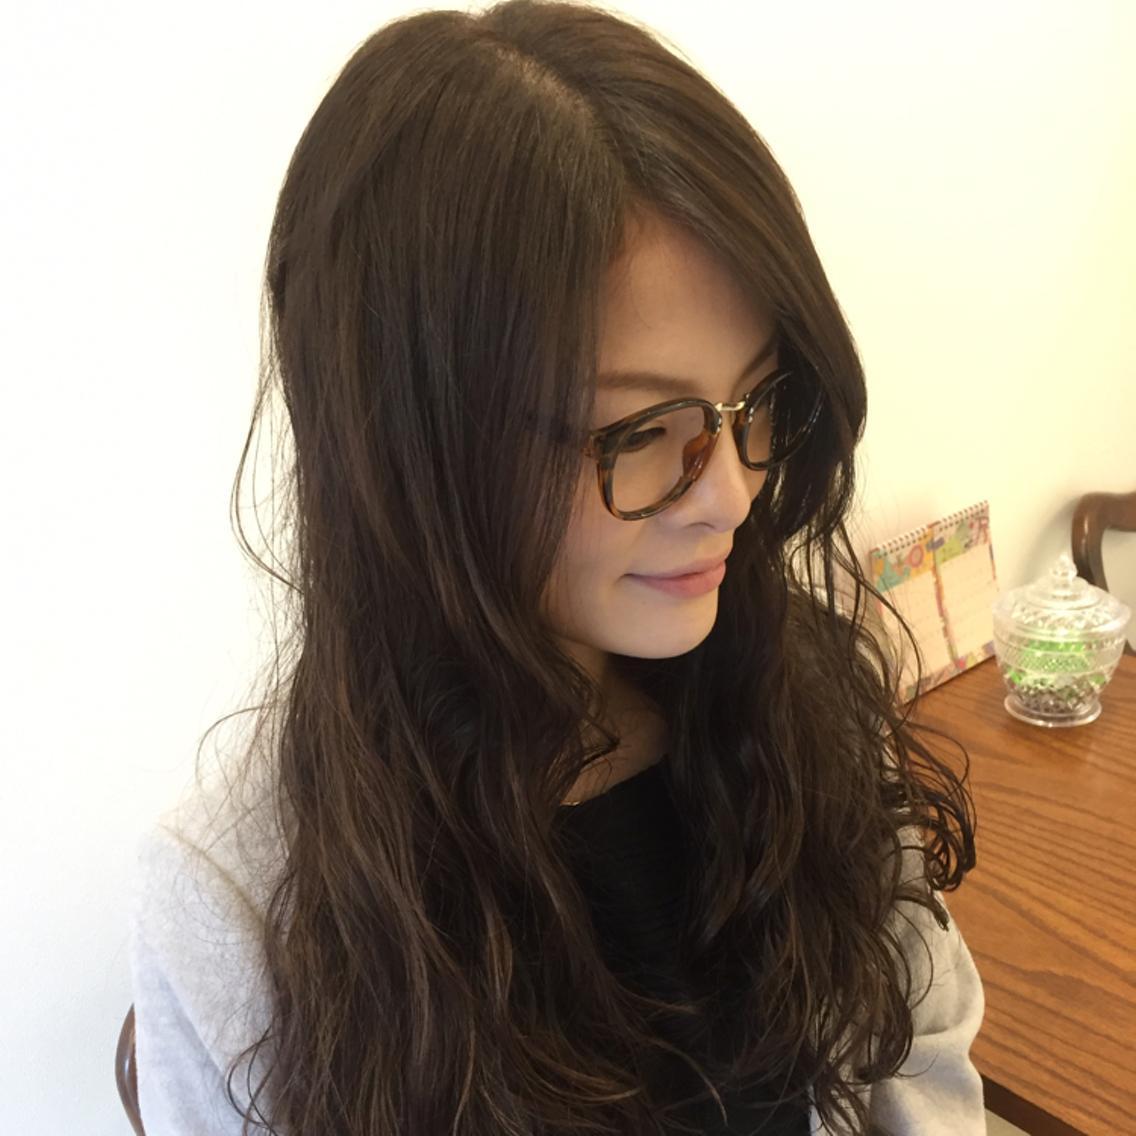 梅雨、夏の準備を今から❗️イメチェン、なかなか美容室が見つからない❗️熊本で初めて美容室をお探しの方❗️当日予約OK‼️